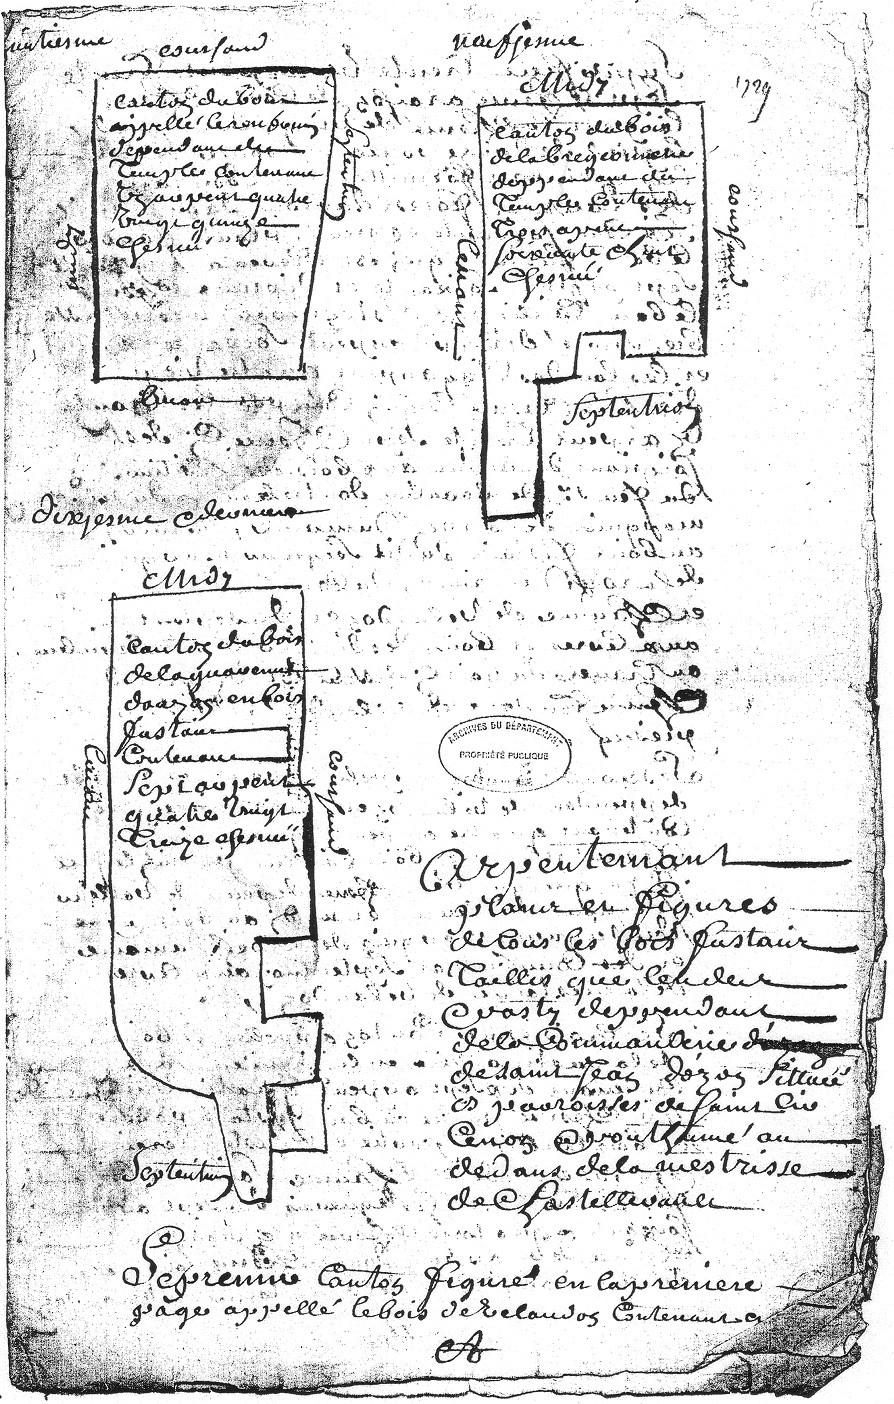 1729 - Plans des bois de la commanderie d'Auzon  - D'Allogny de la Groie Figures 8,9 et 10